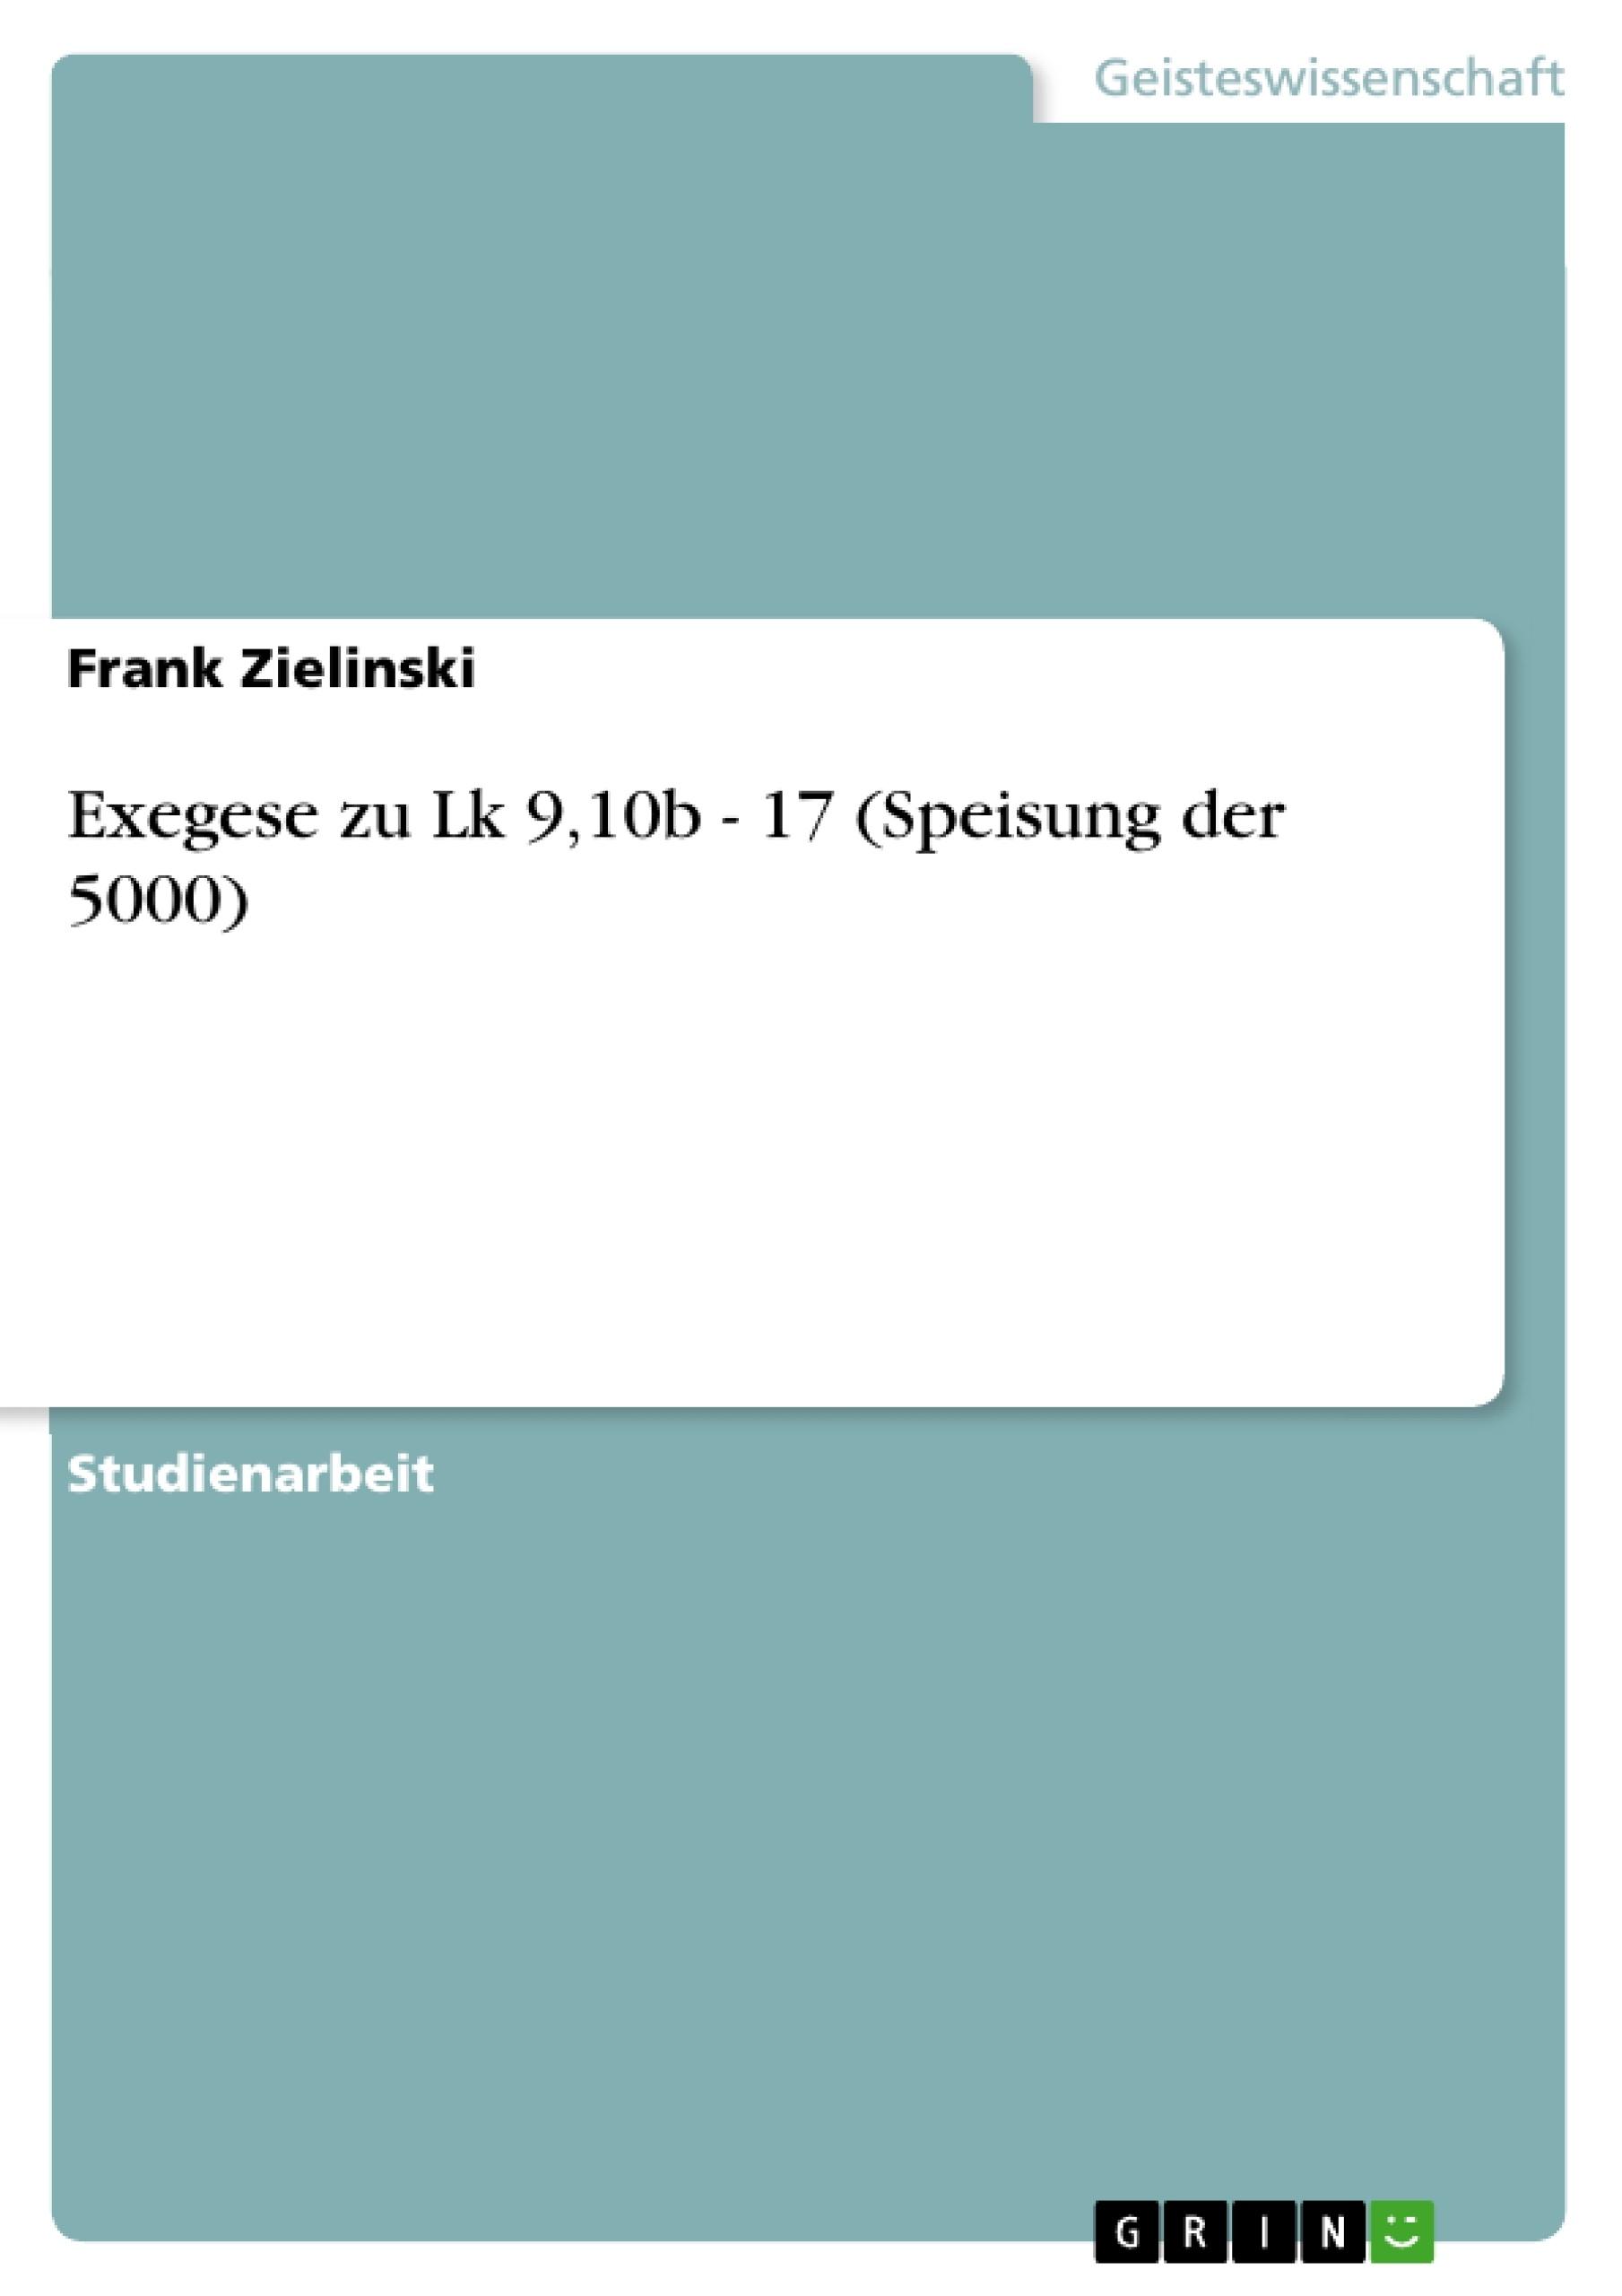 Titel: Exegese zu Lk 9,10b - 17 (Speisung der 5000)